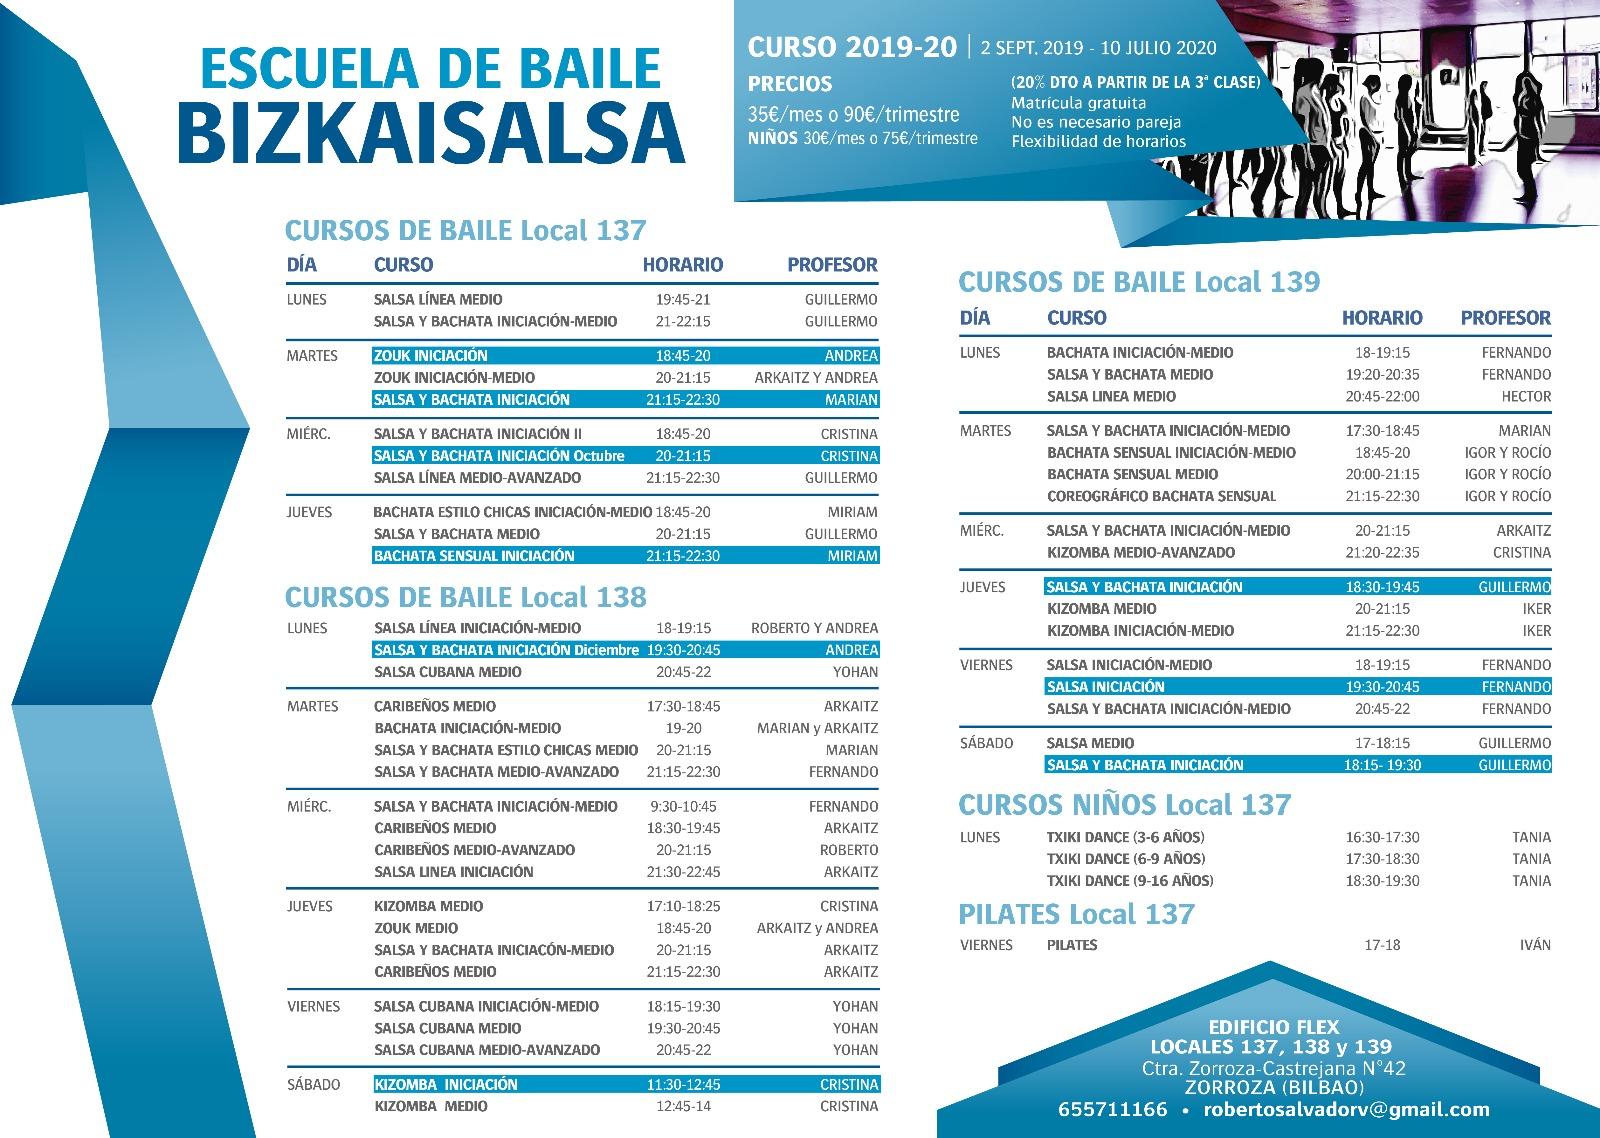 Calendario 2020 Bizkaia.Clases Bilbao Bizkaia Vizcaya Zorroza Barakaldo Bailar Baile